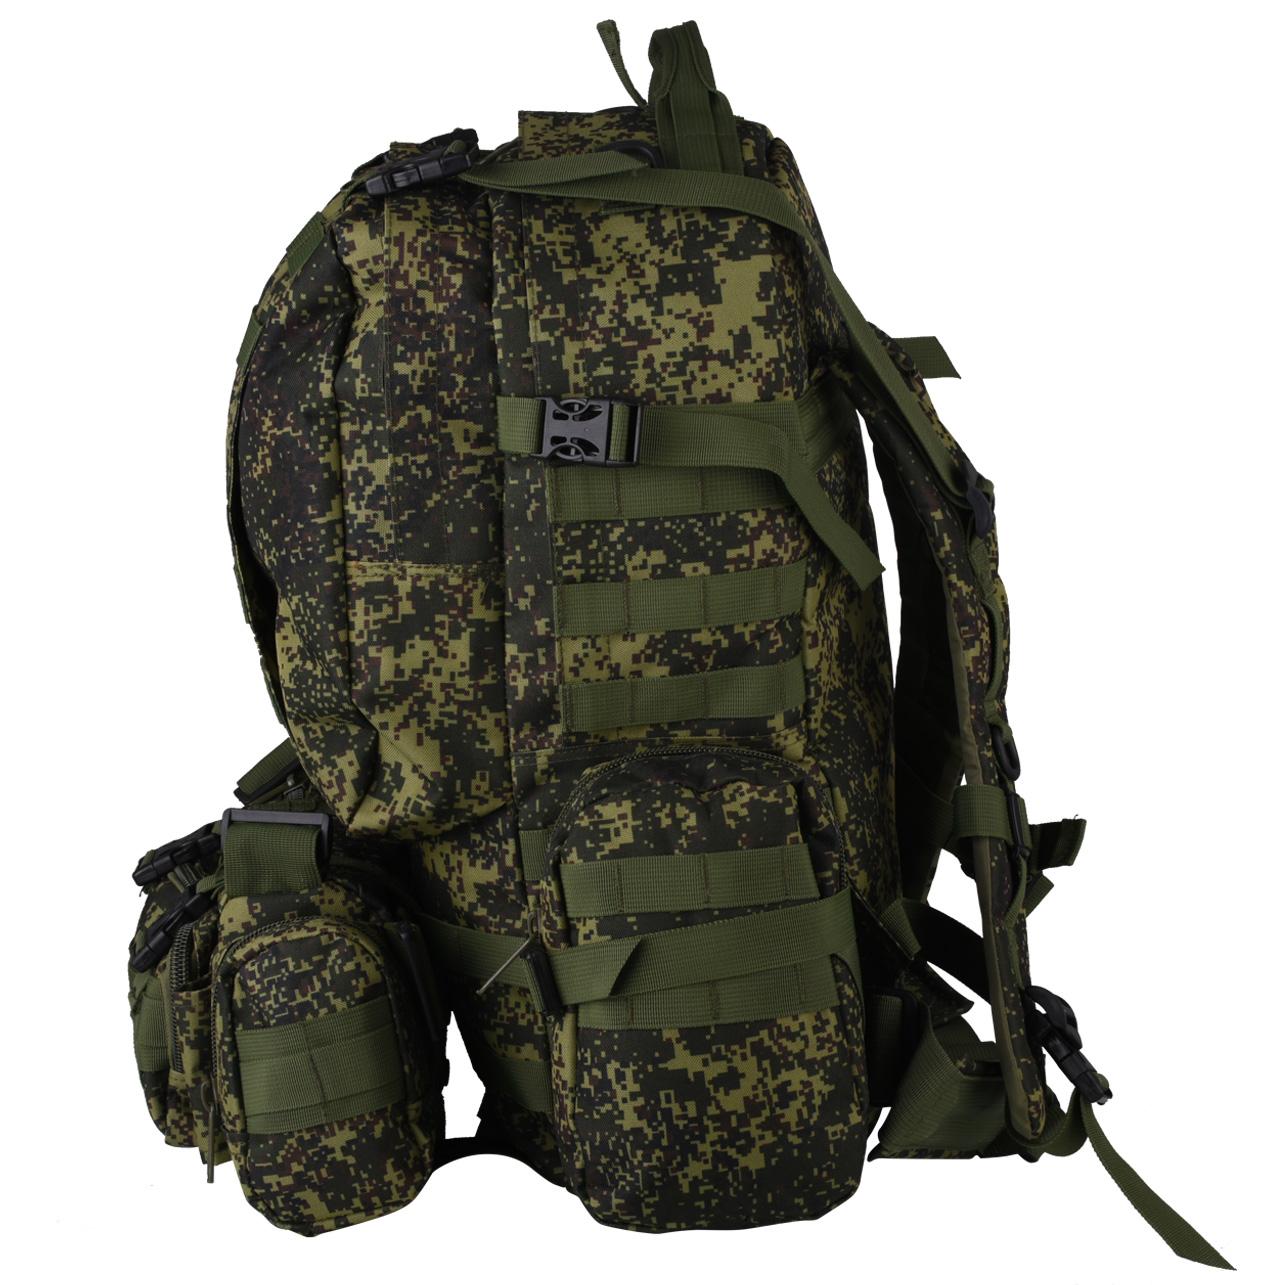 Тактический рейдовый рюкзак с нашивкой УГРО - купить в подарок